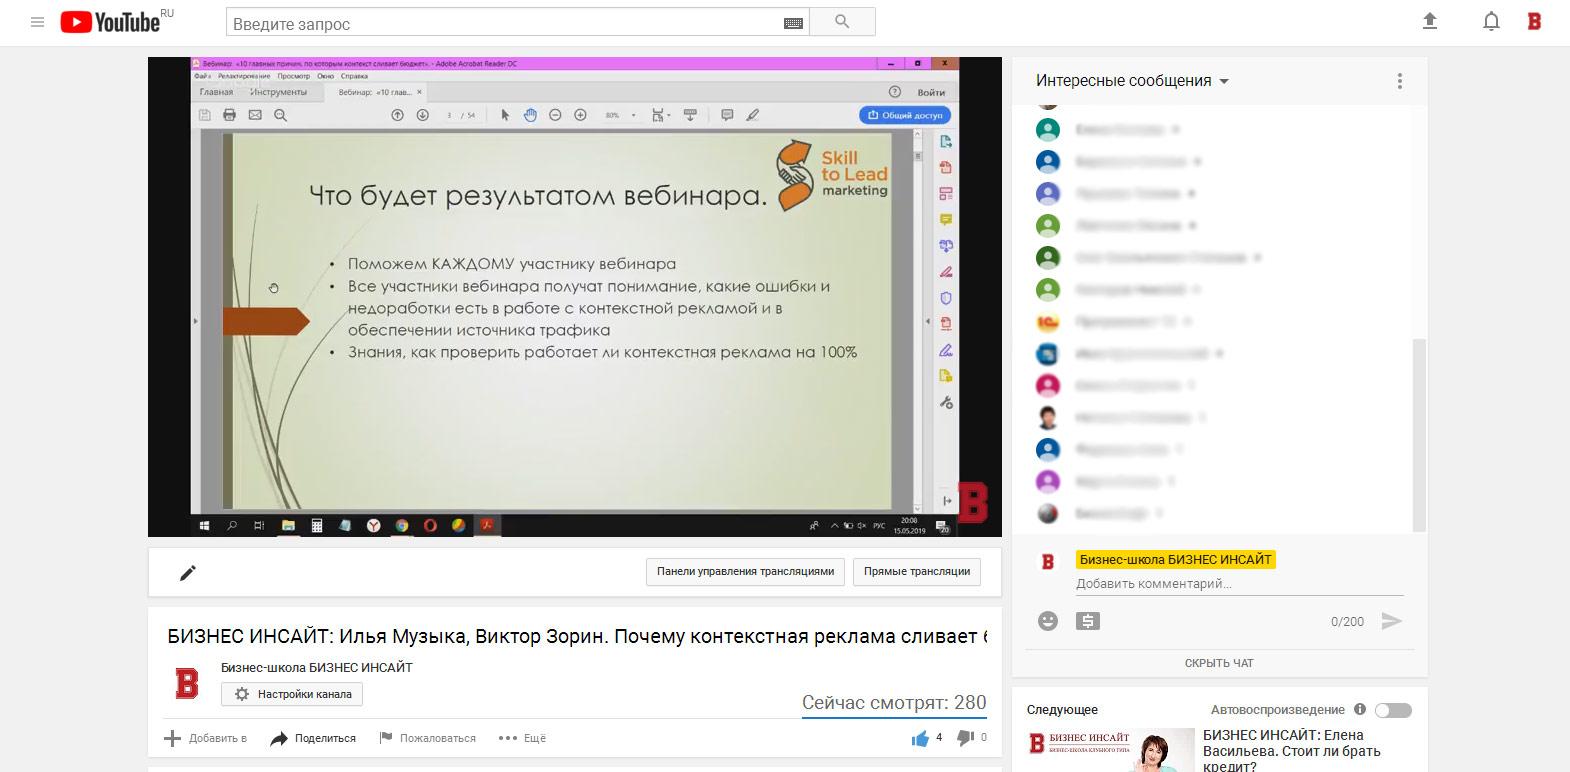 Илья Музыка и Виктор Зорин провели открытый (бесплатный) вебинар на площадке БИЗНЕС ИНСАЙТ